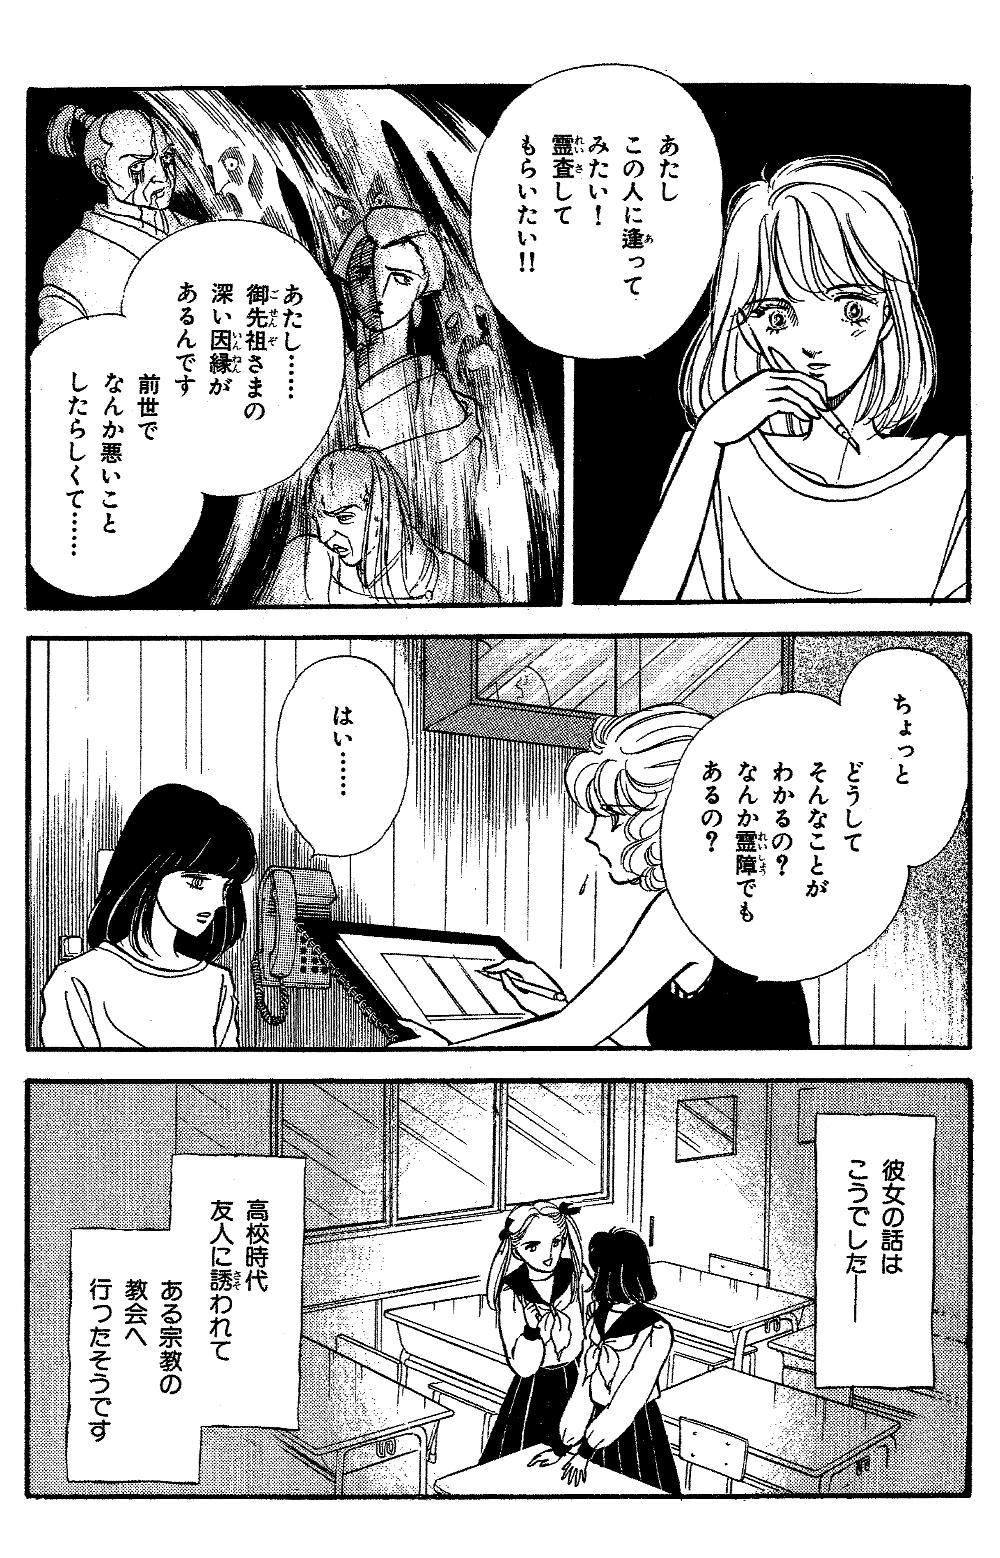 魔百合の恐怖報告  第2話「消えた黒猫」①mayuri07-03.jpg